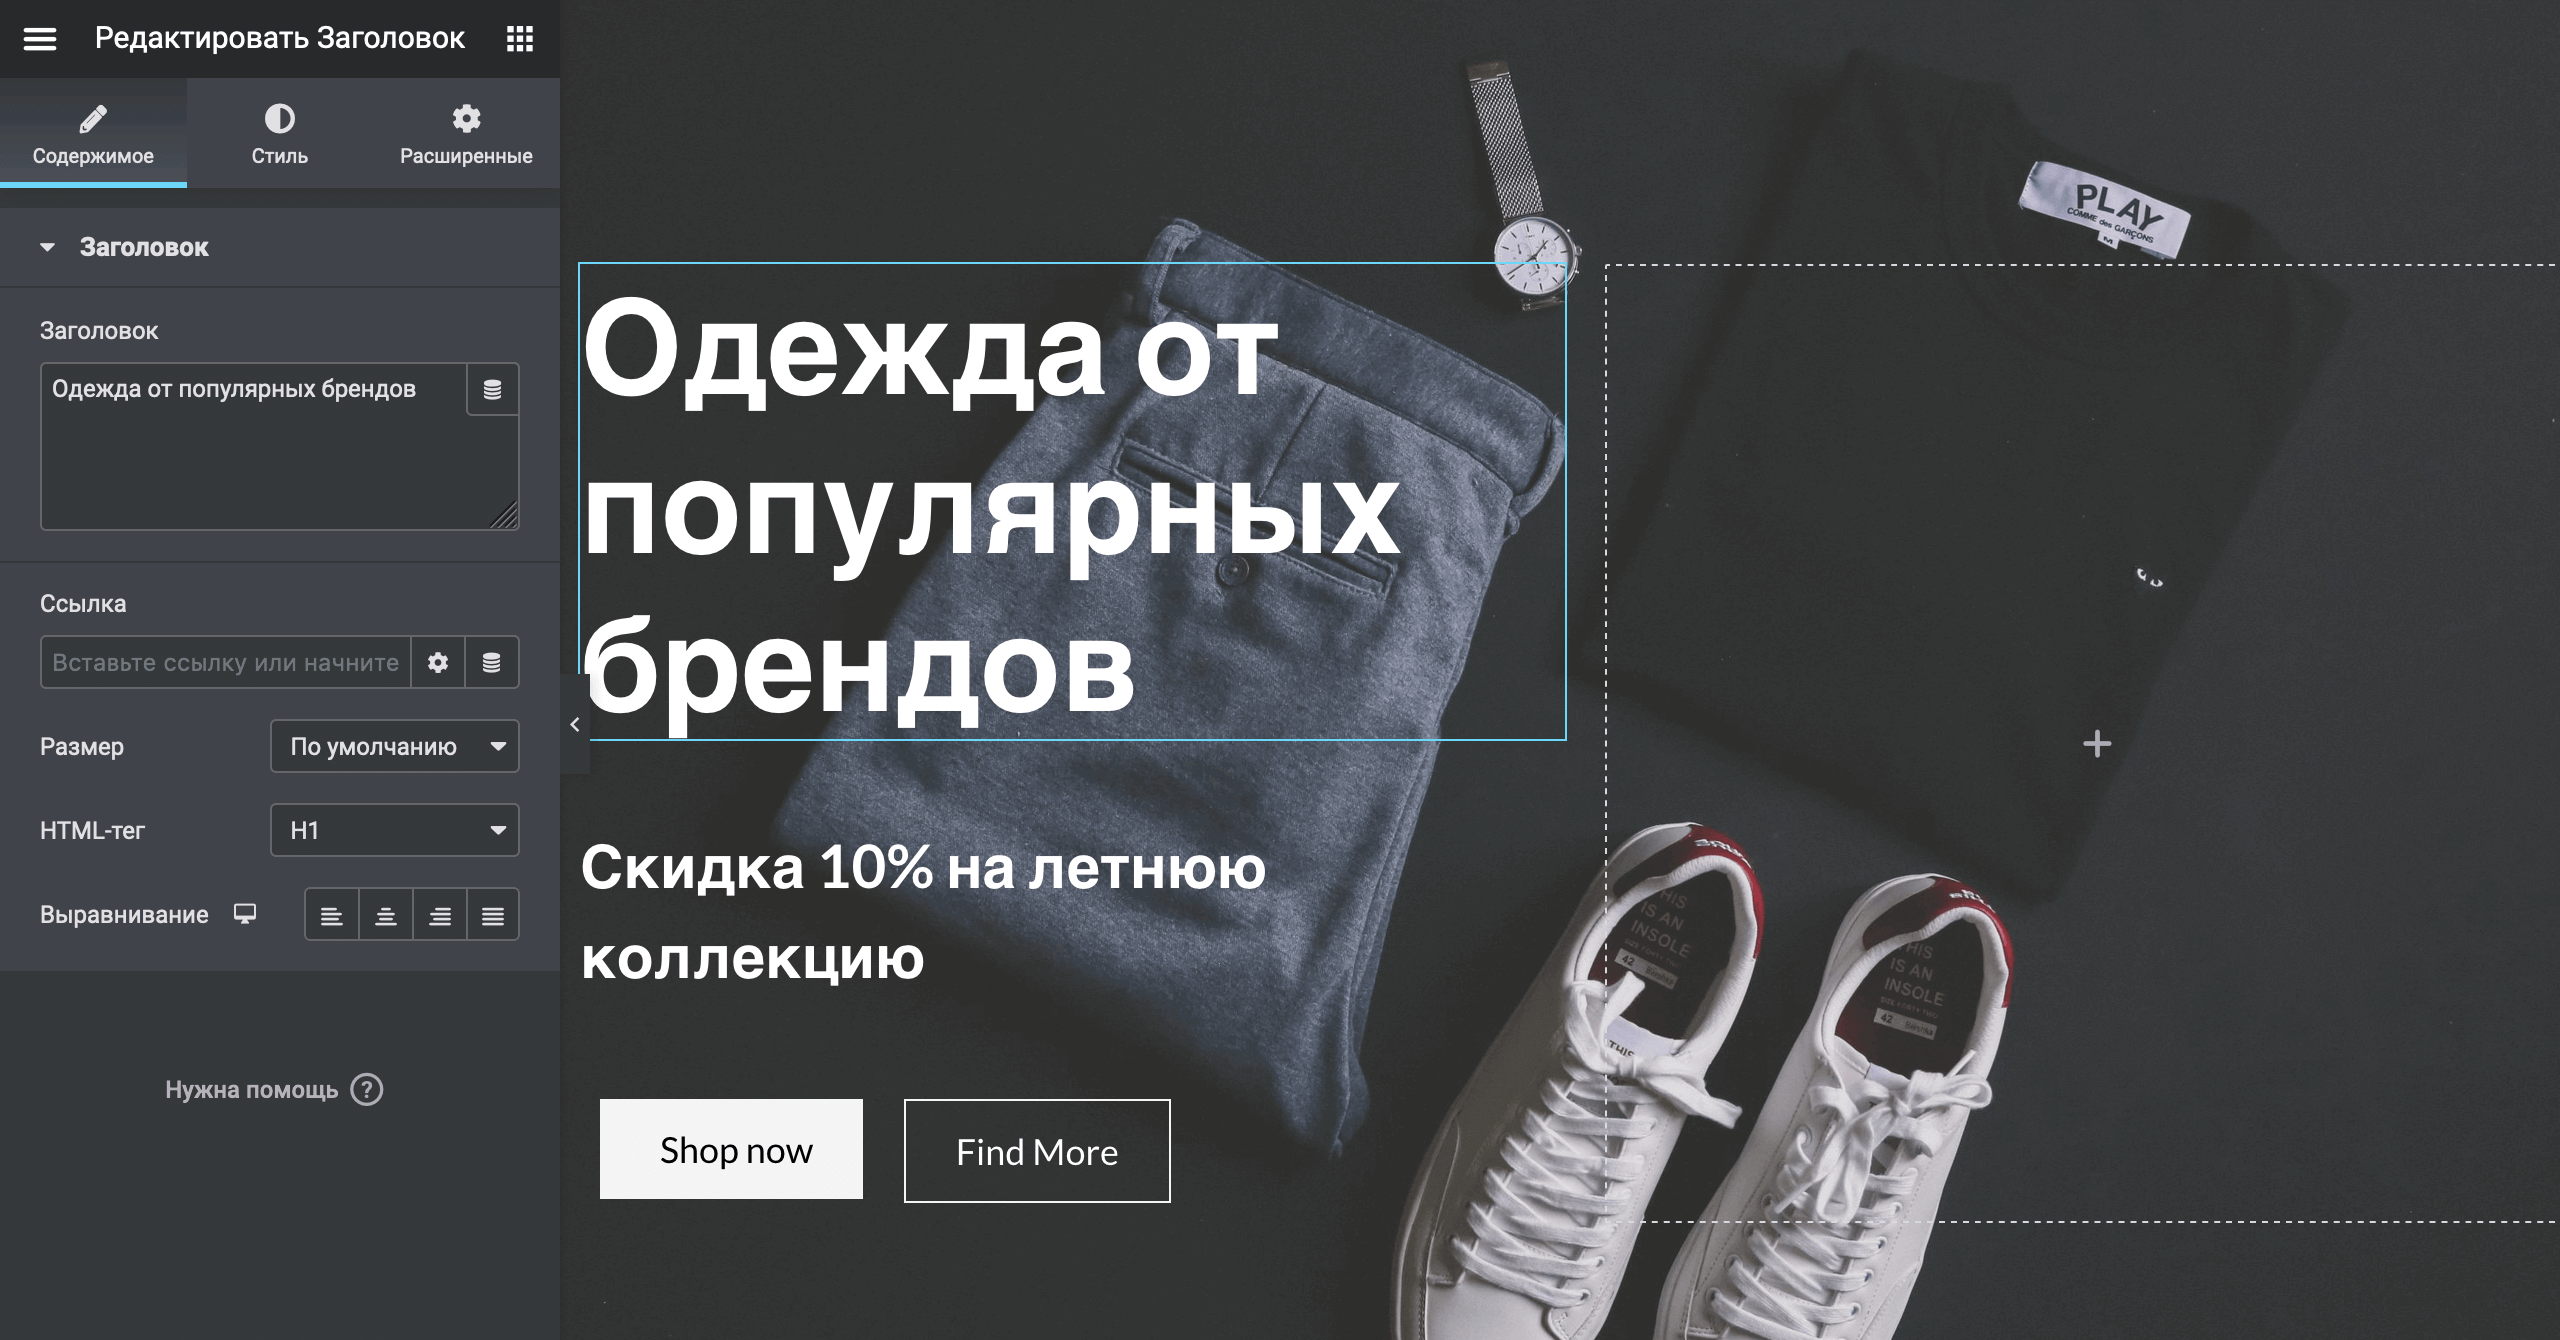 Вордпресс интернет-магазин: замена текста на главном баннере